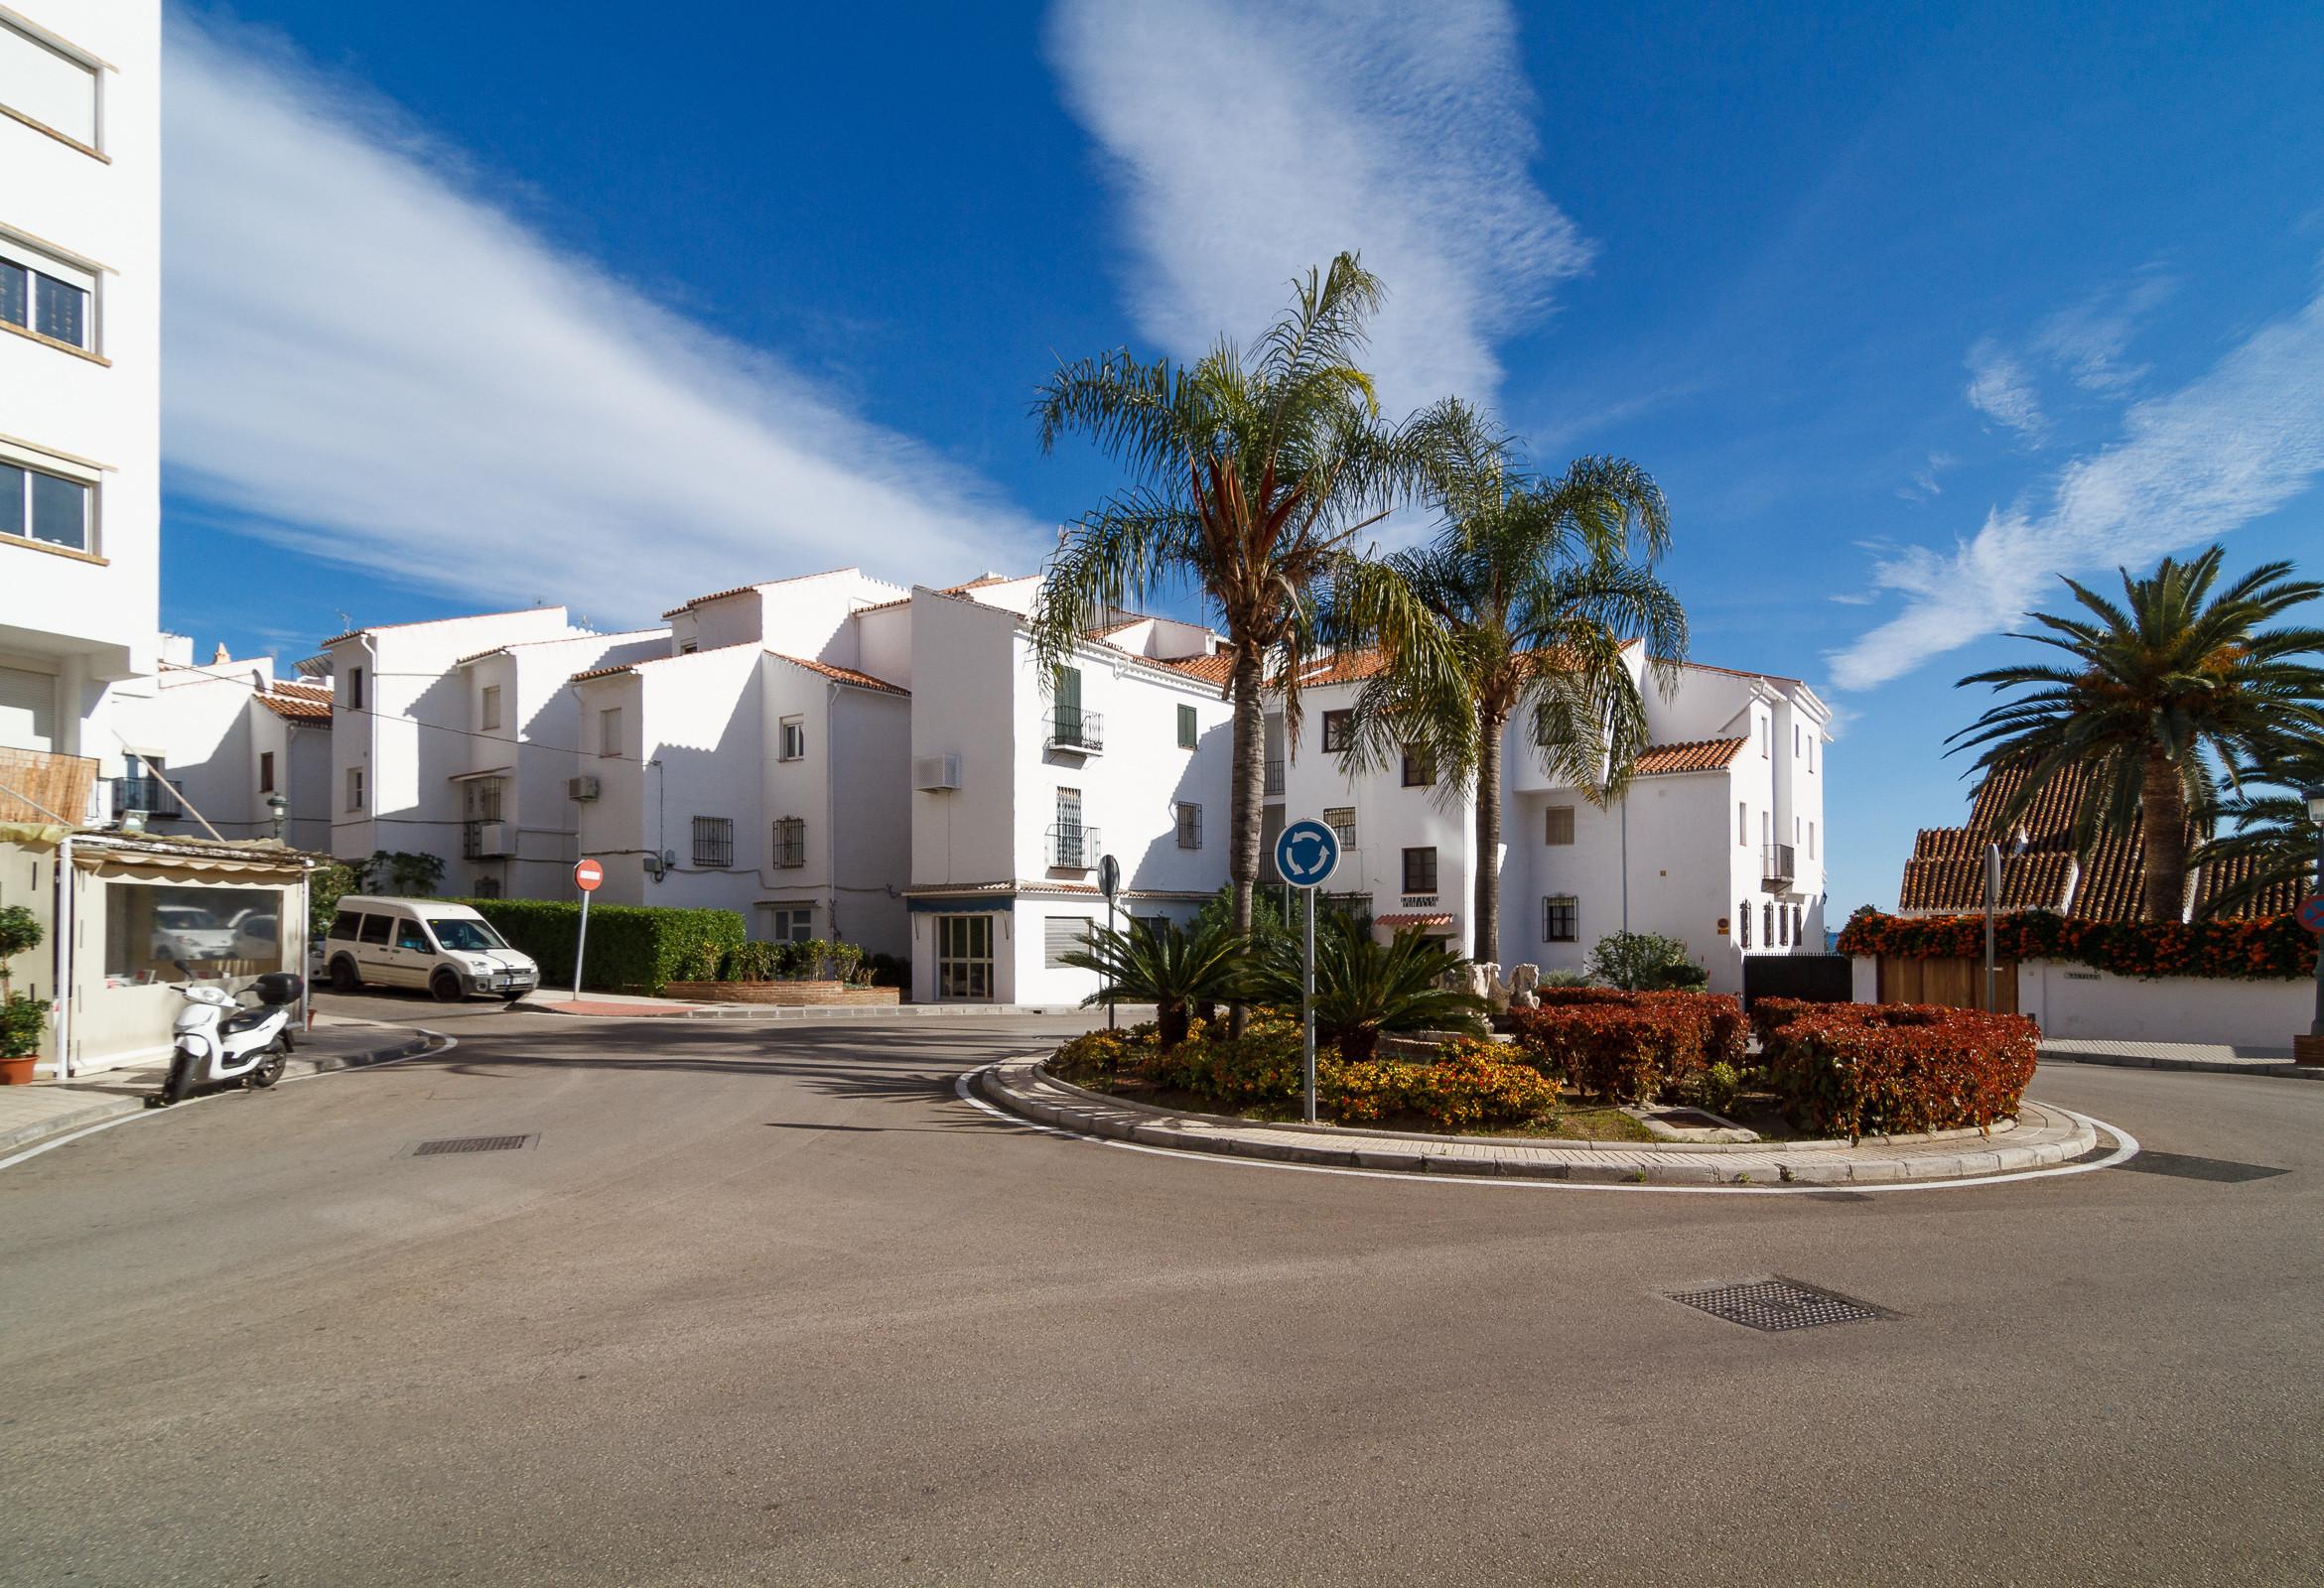 Apartment with panoramic views in Nerja Bahia | Casasol Nerja